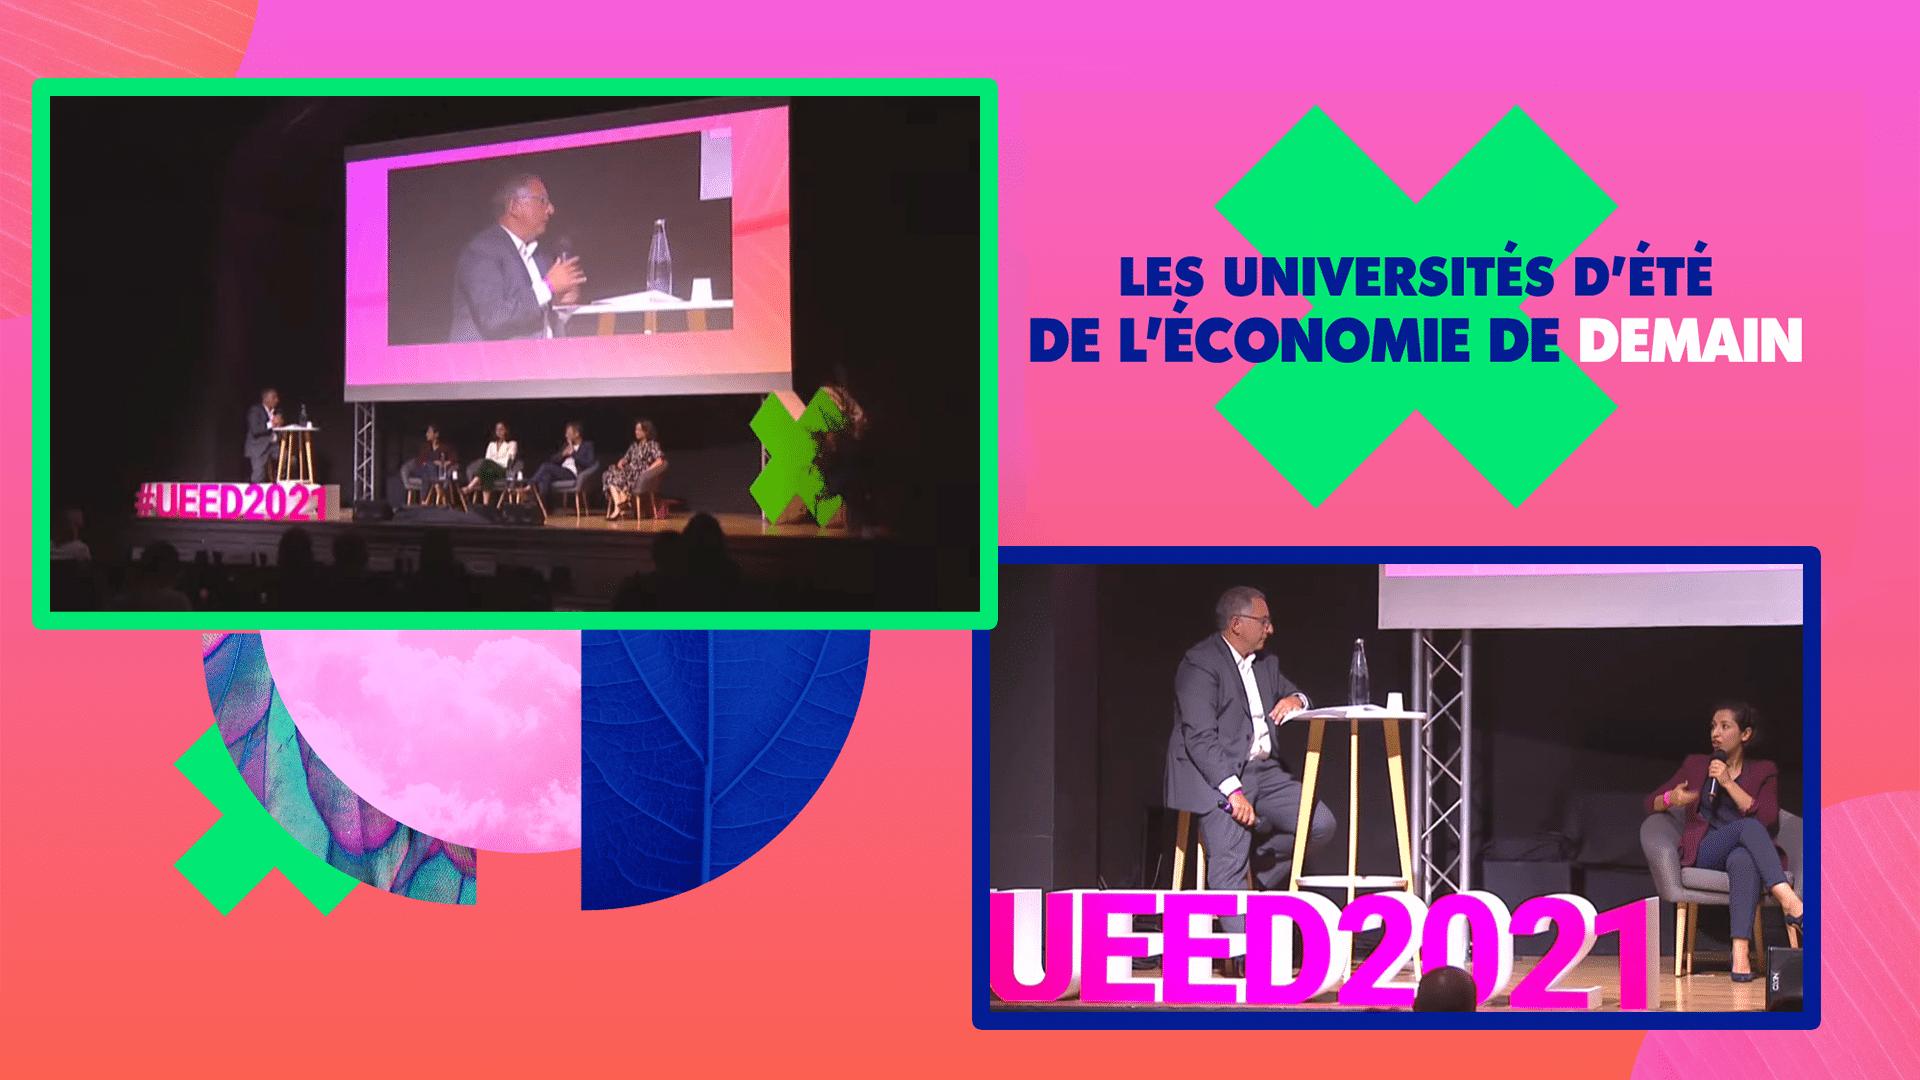 Interventions de Laurent LAIK lors des UEED 2021